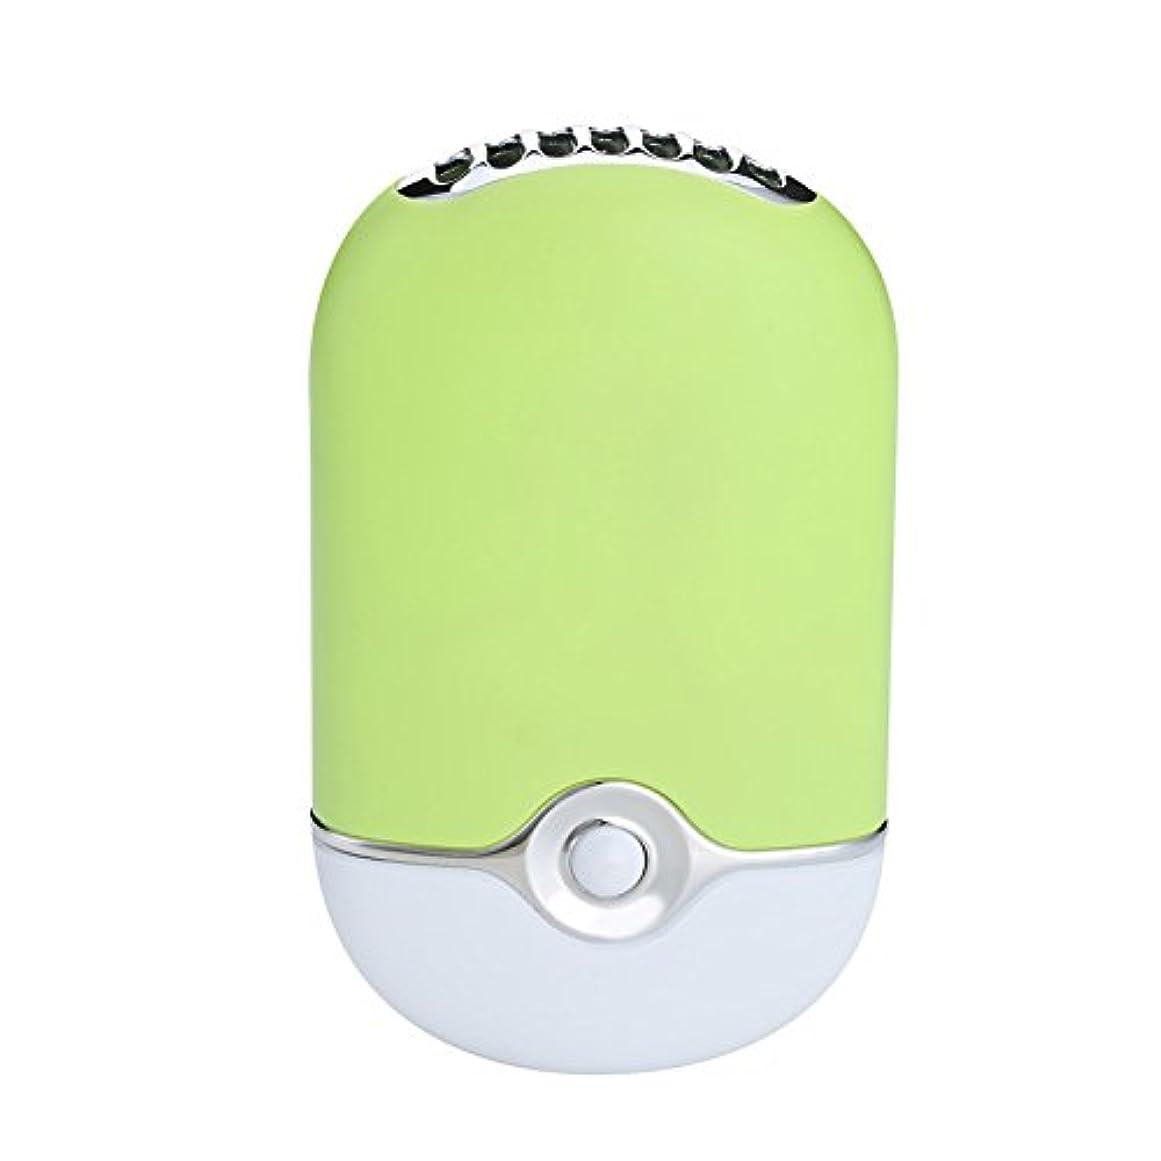 楕円形汚染する販売員Mengshen まつ毛ドライヤー くぎ ネイルドライヤー ハンドヘルドクイックドライヤー まつげエクステ用 USB ミニファンブロワー 速乾性 F015 Green